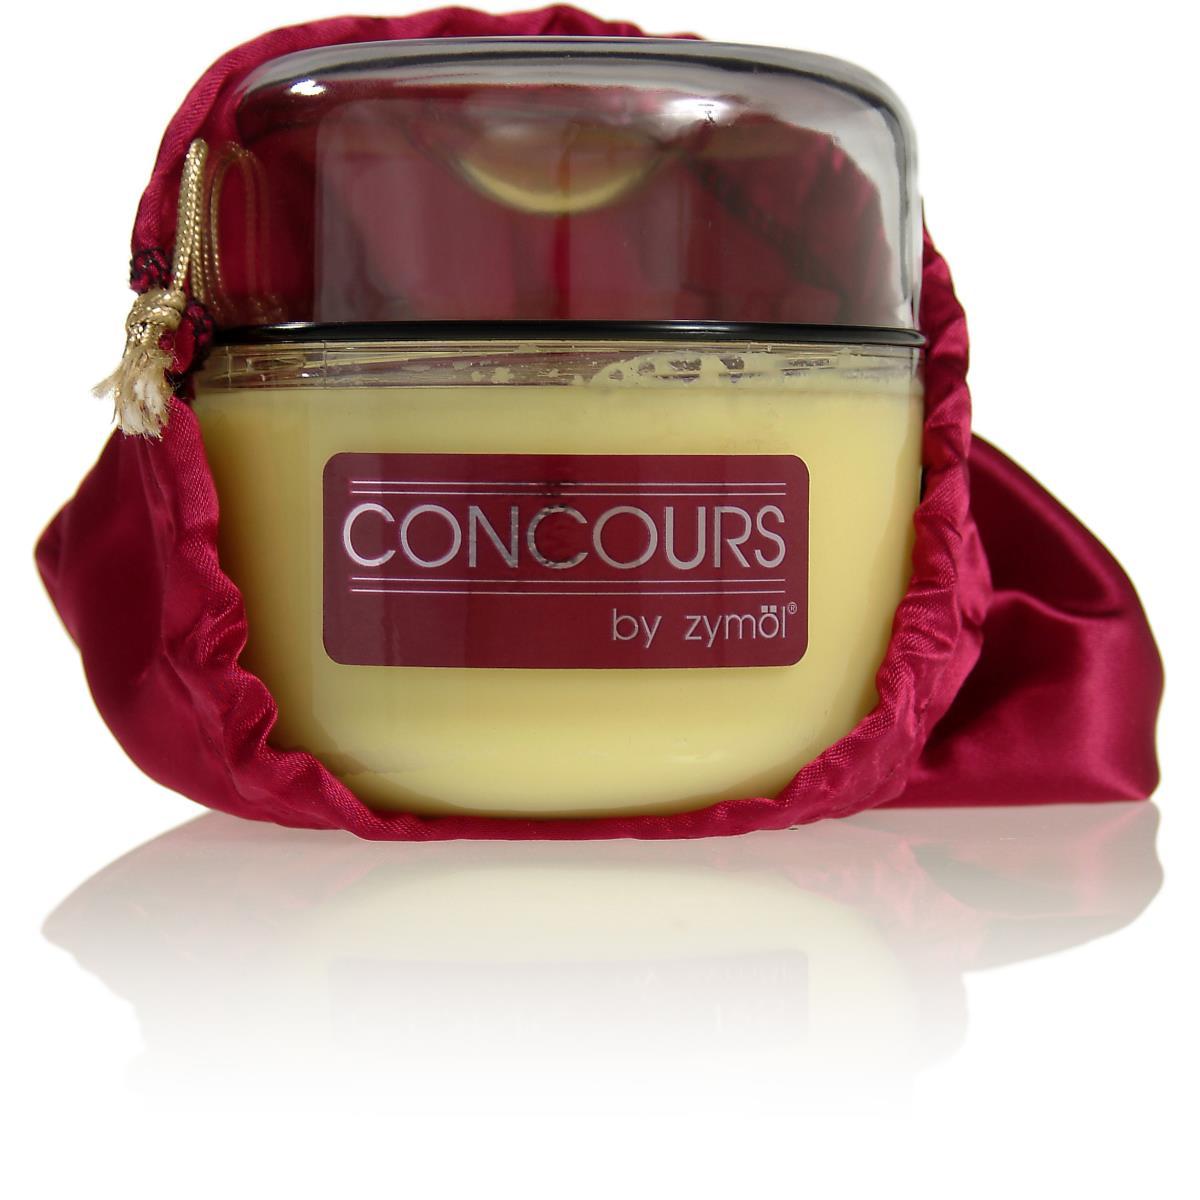 Zymol Concours Glaze (226g)